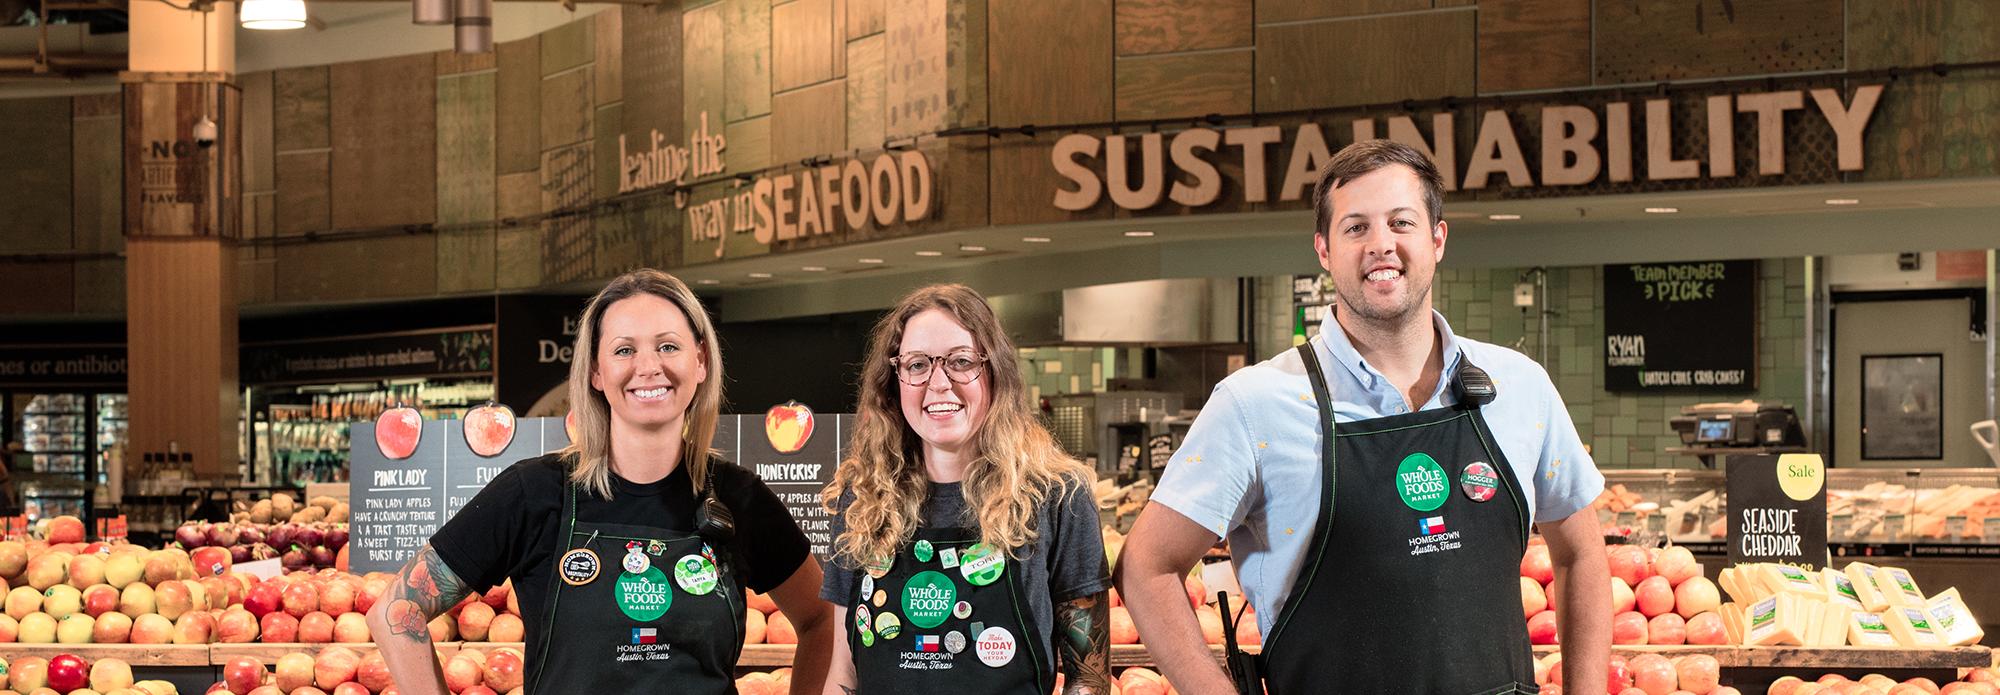 Whole Foods Market Team